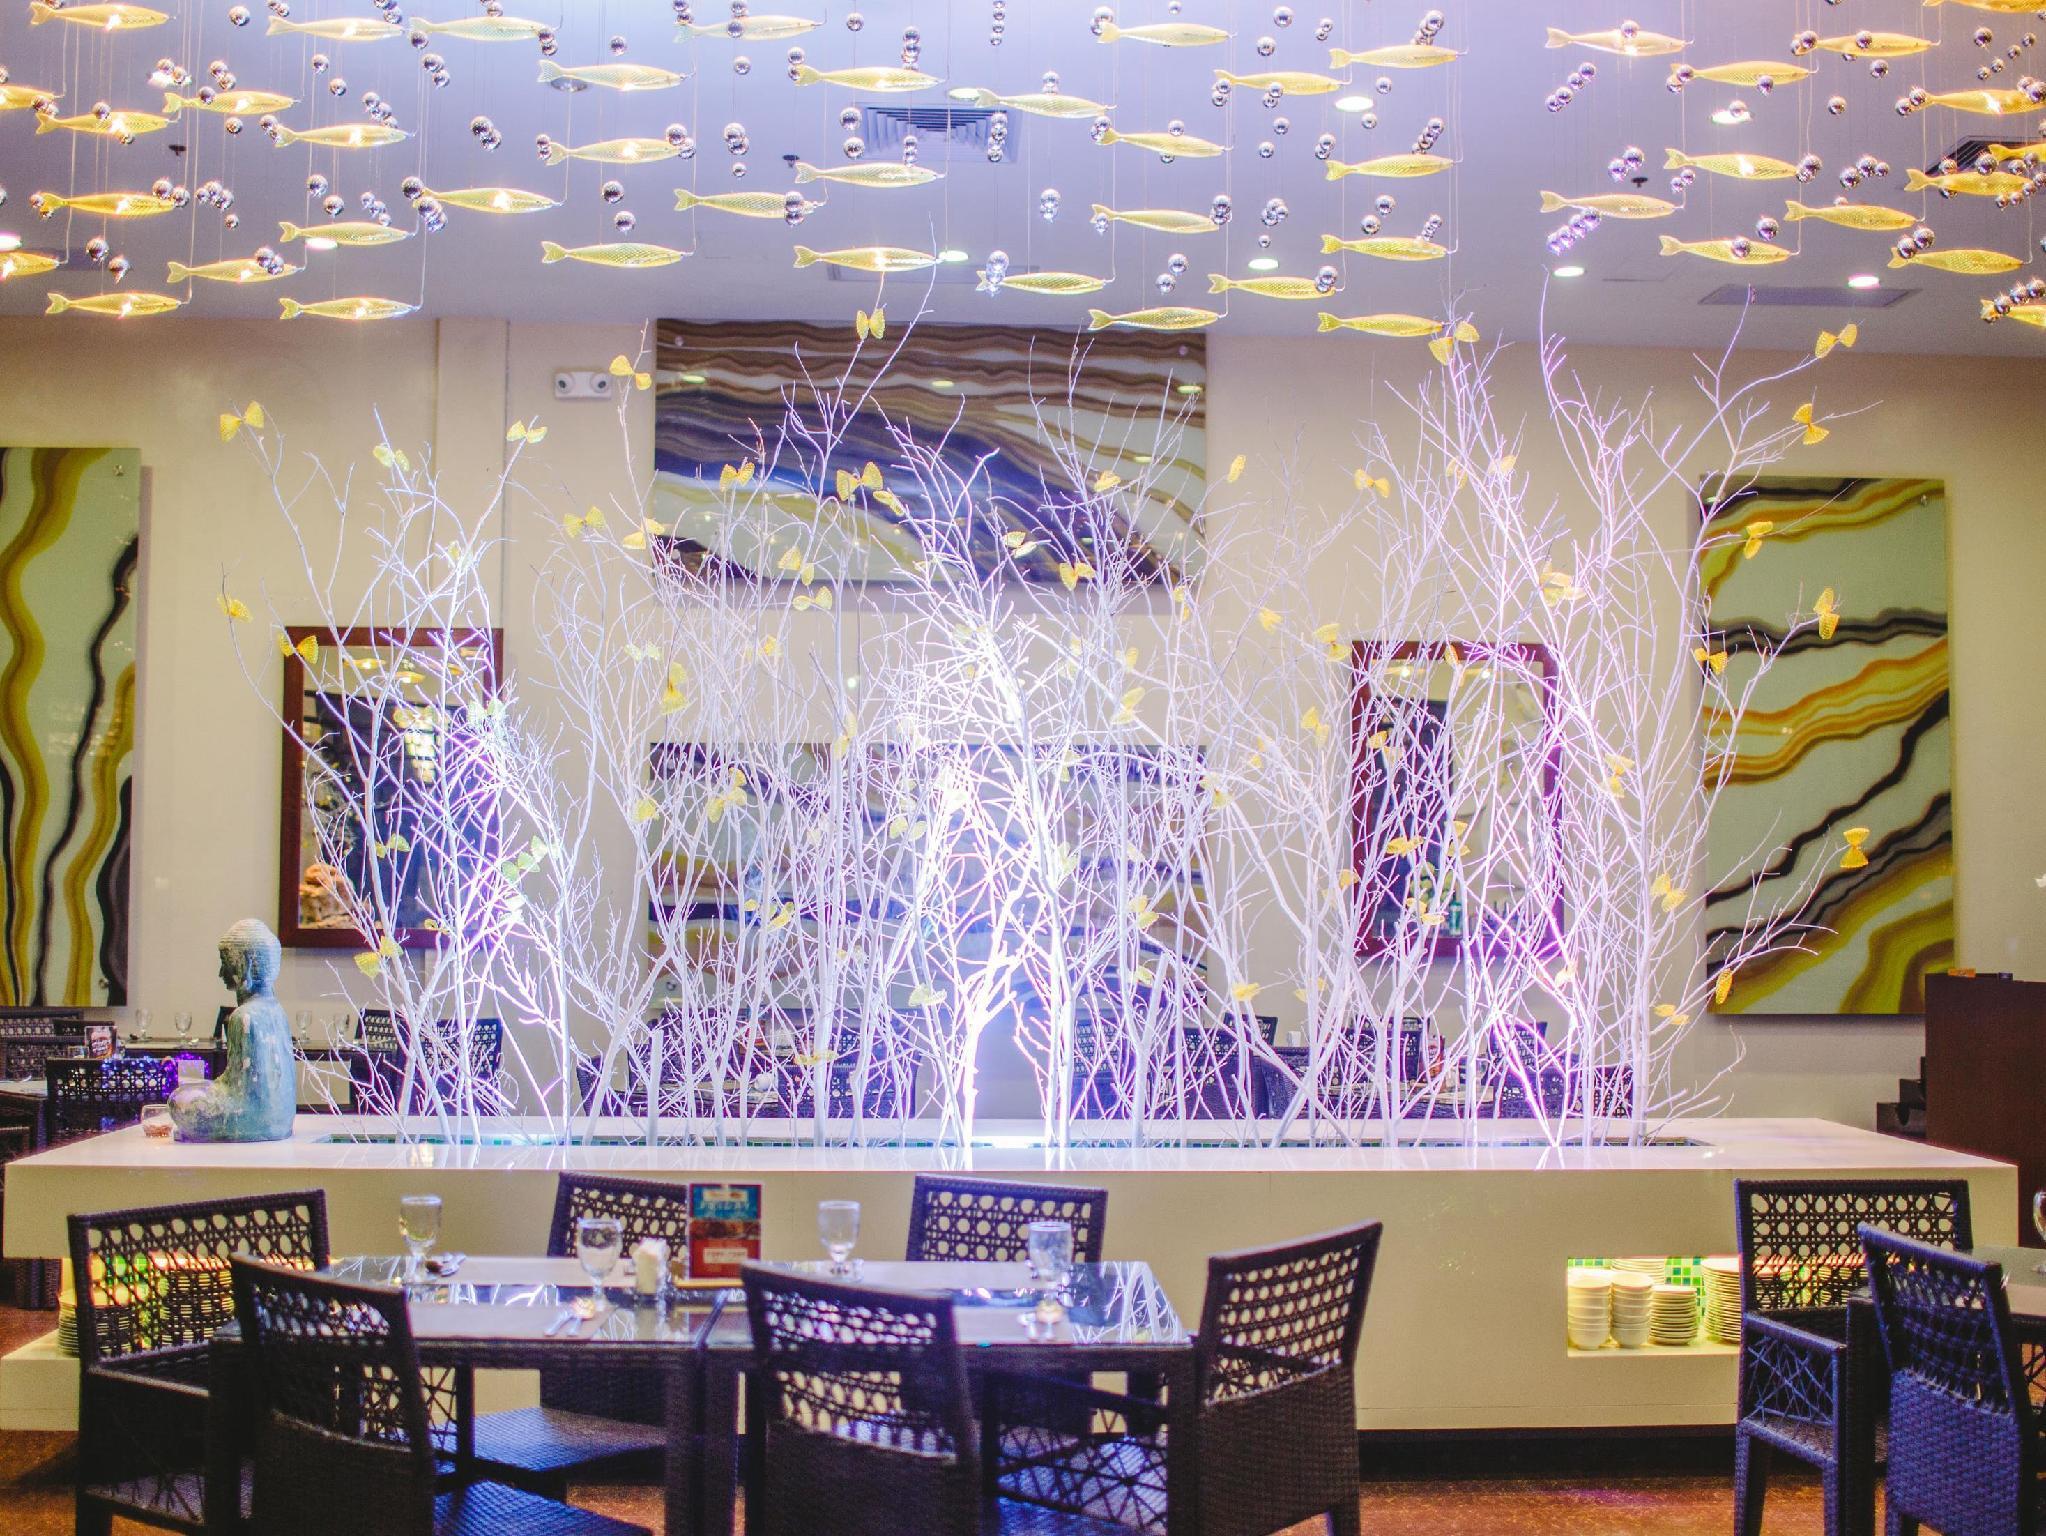 Aziza Paradise Hotel - Restaurant - photo added 1 year ago